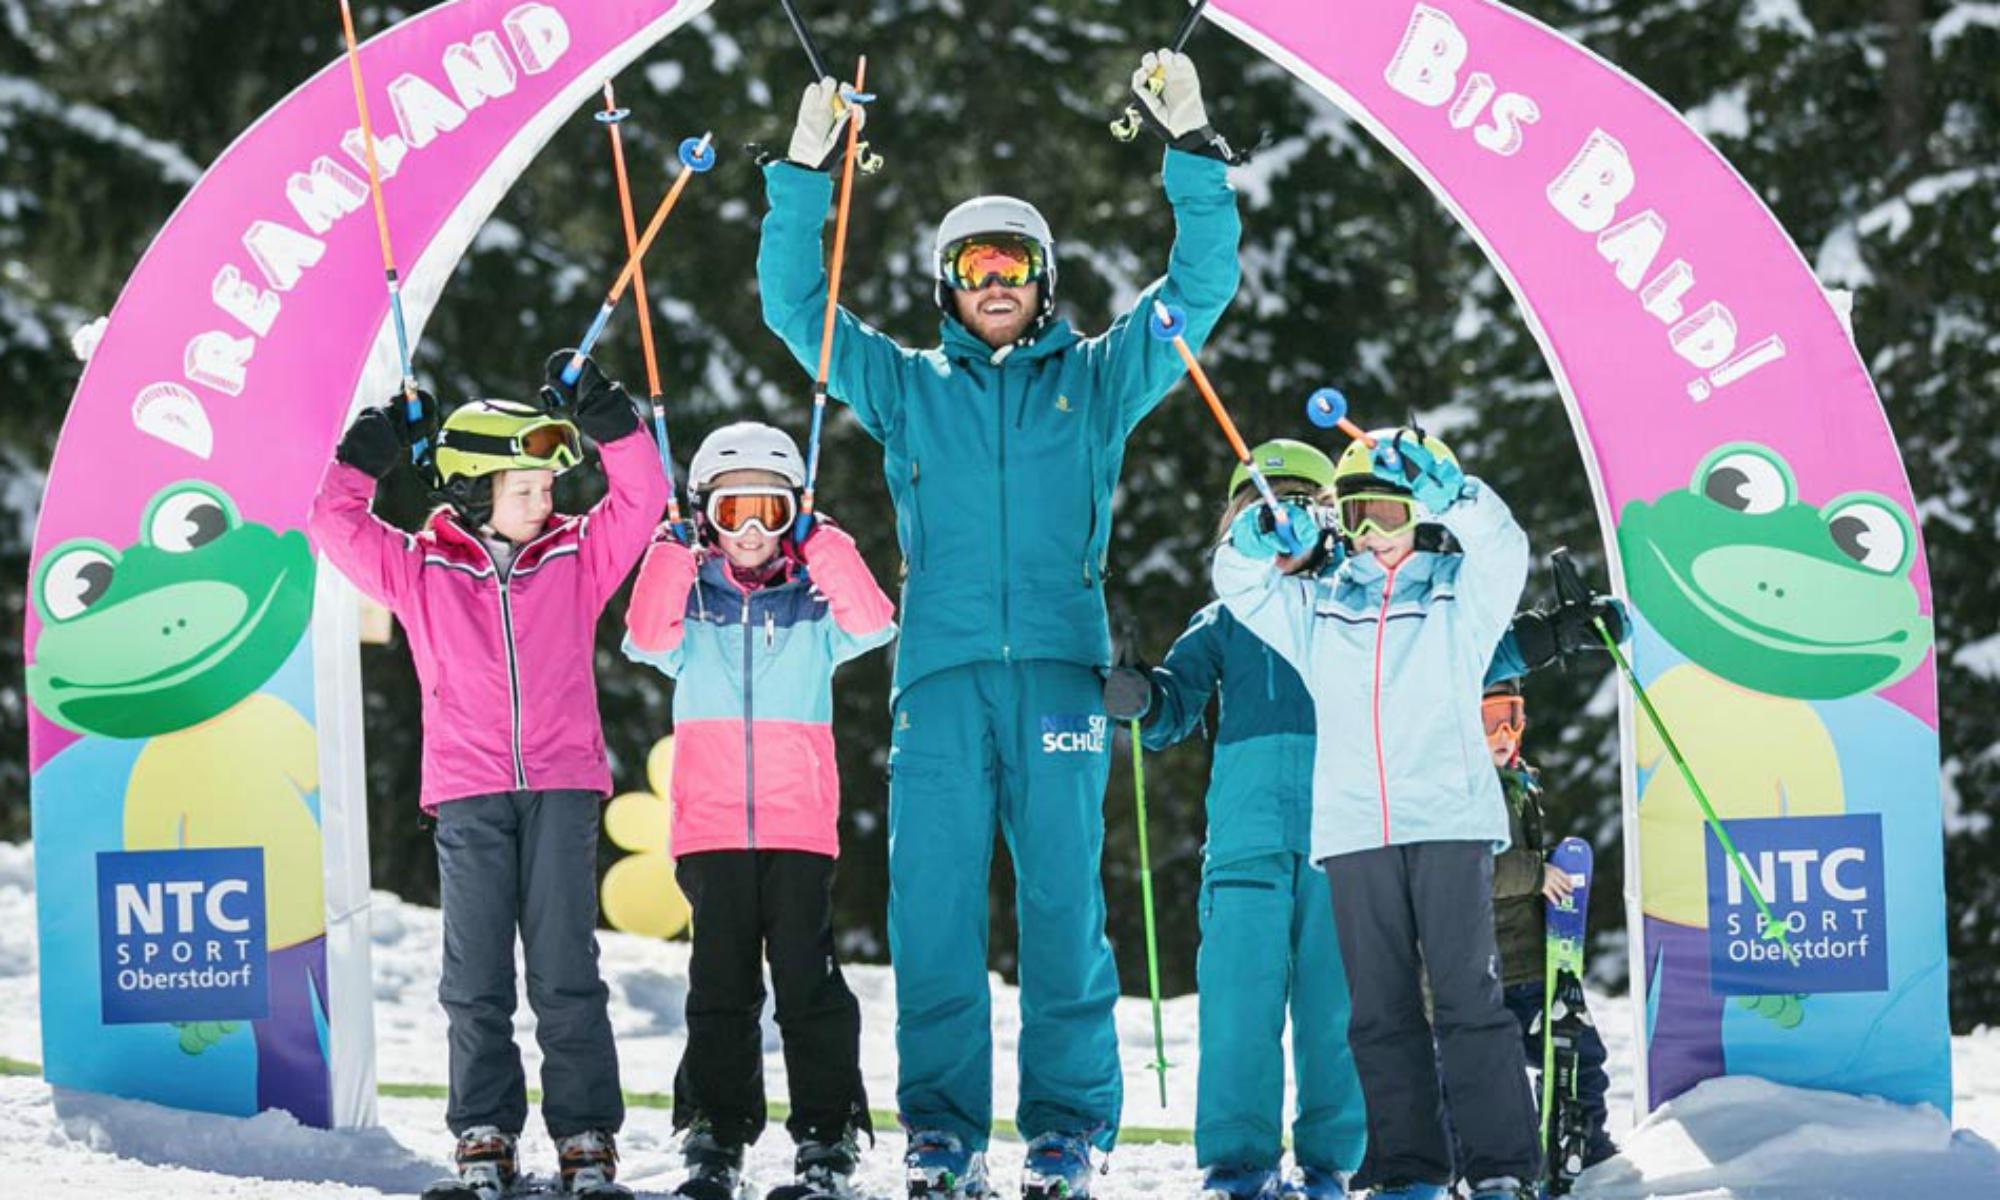 Ein Skilehrer mit seinen Schülern im NTC Dreamland in Oberstdorf.